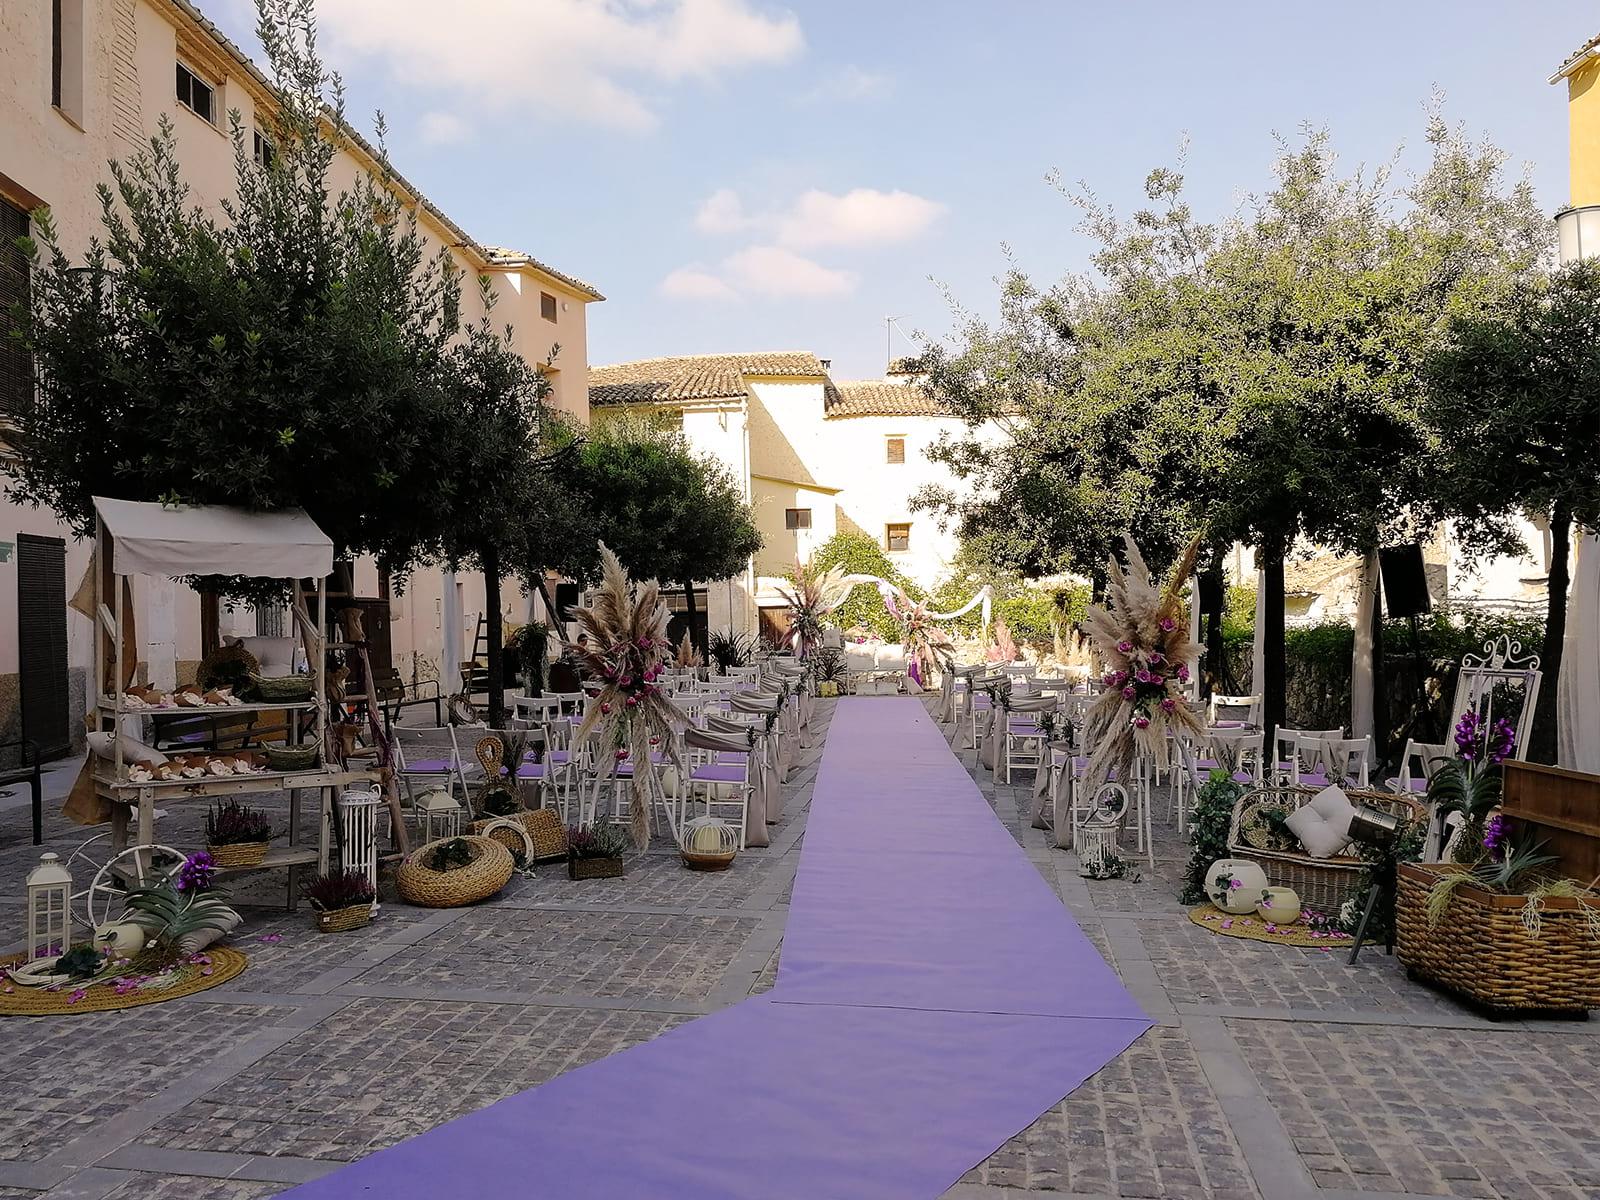 boda-civil-tonos-morados-MJ-02_HIDROJARDIN-Bañeres